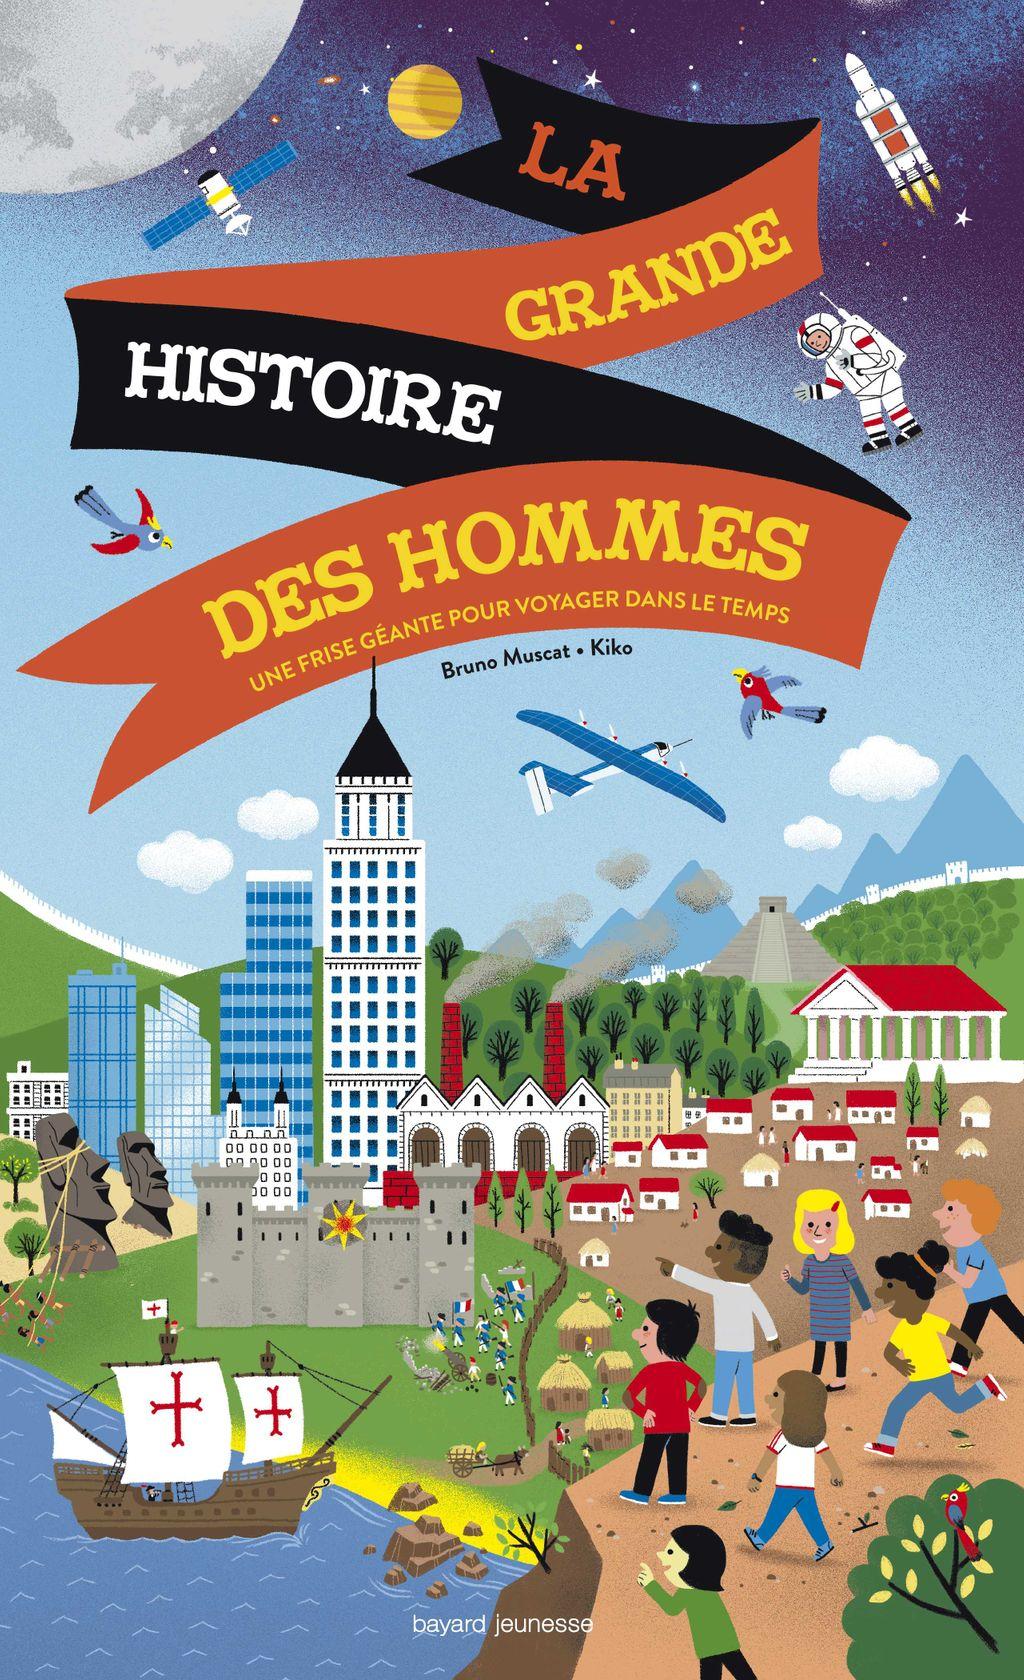 «La grande histoire des hommes» cover